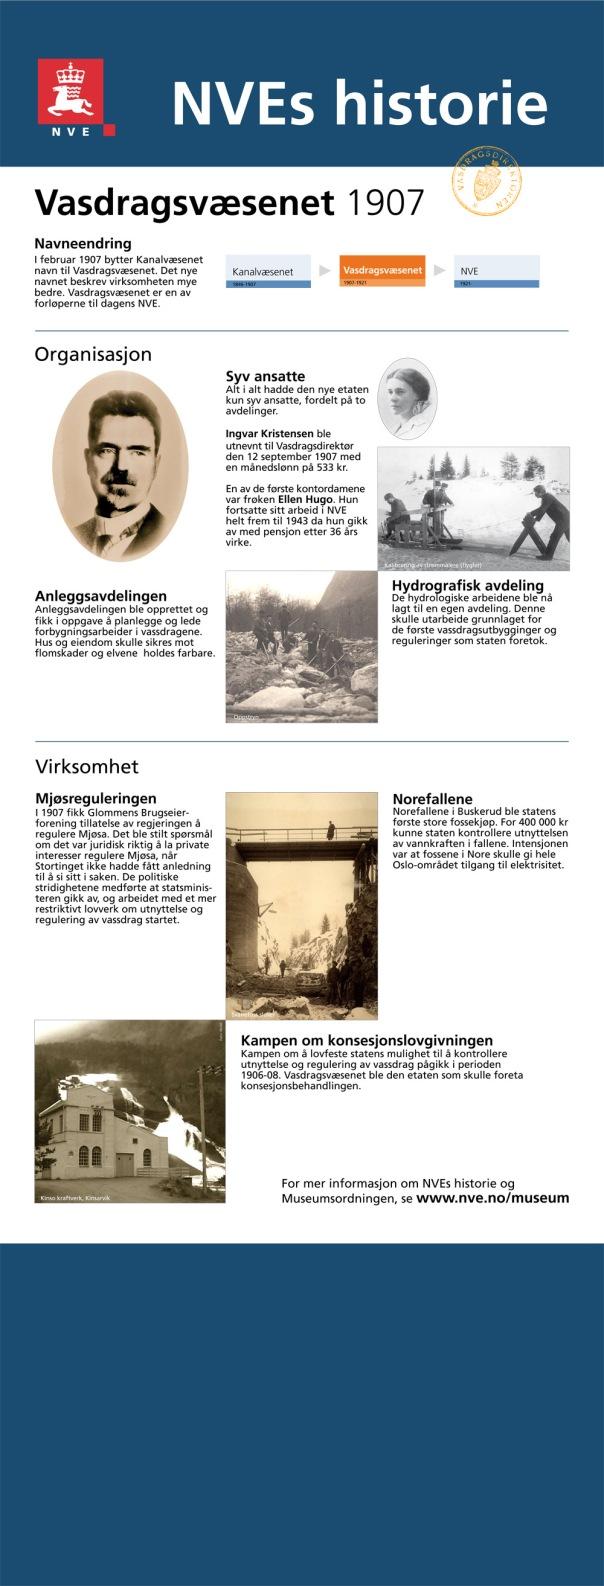 Vasdragsvæsenet anno 1907